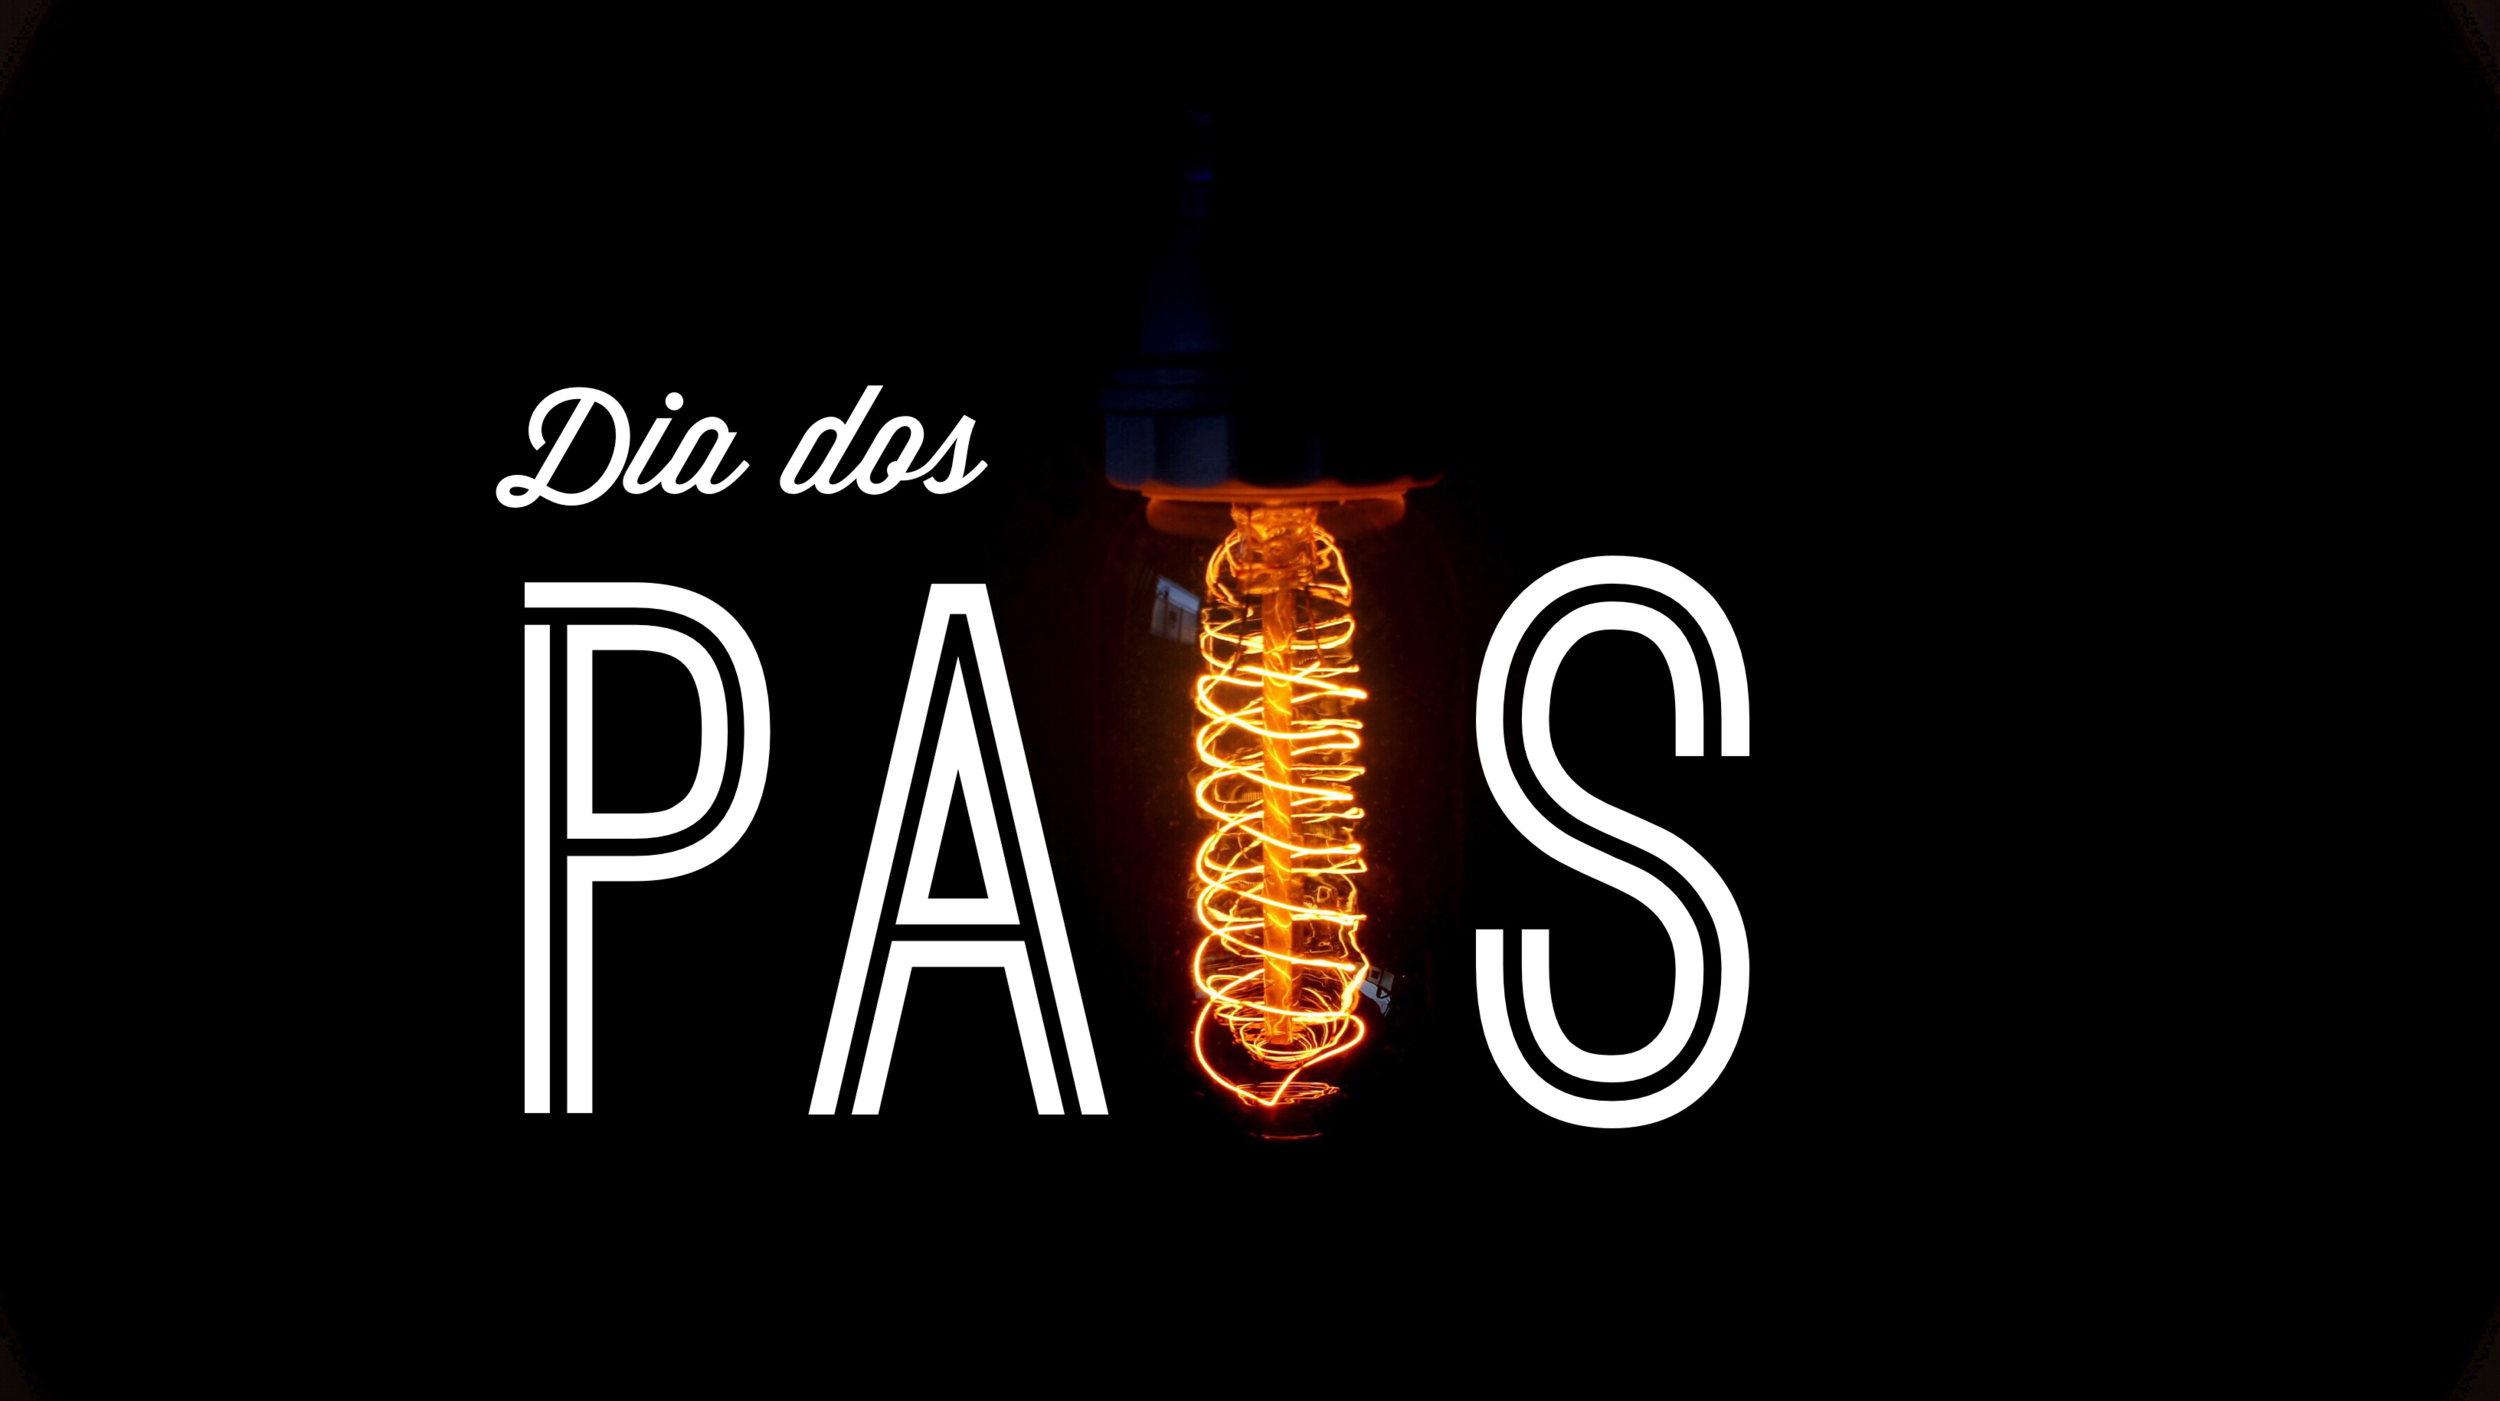 diasdospais_guacho_02.png